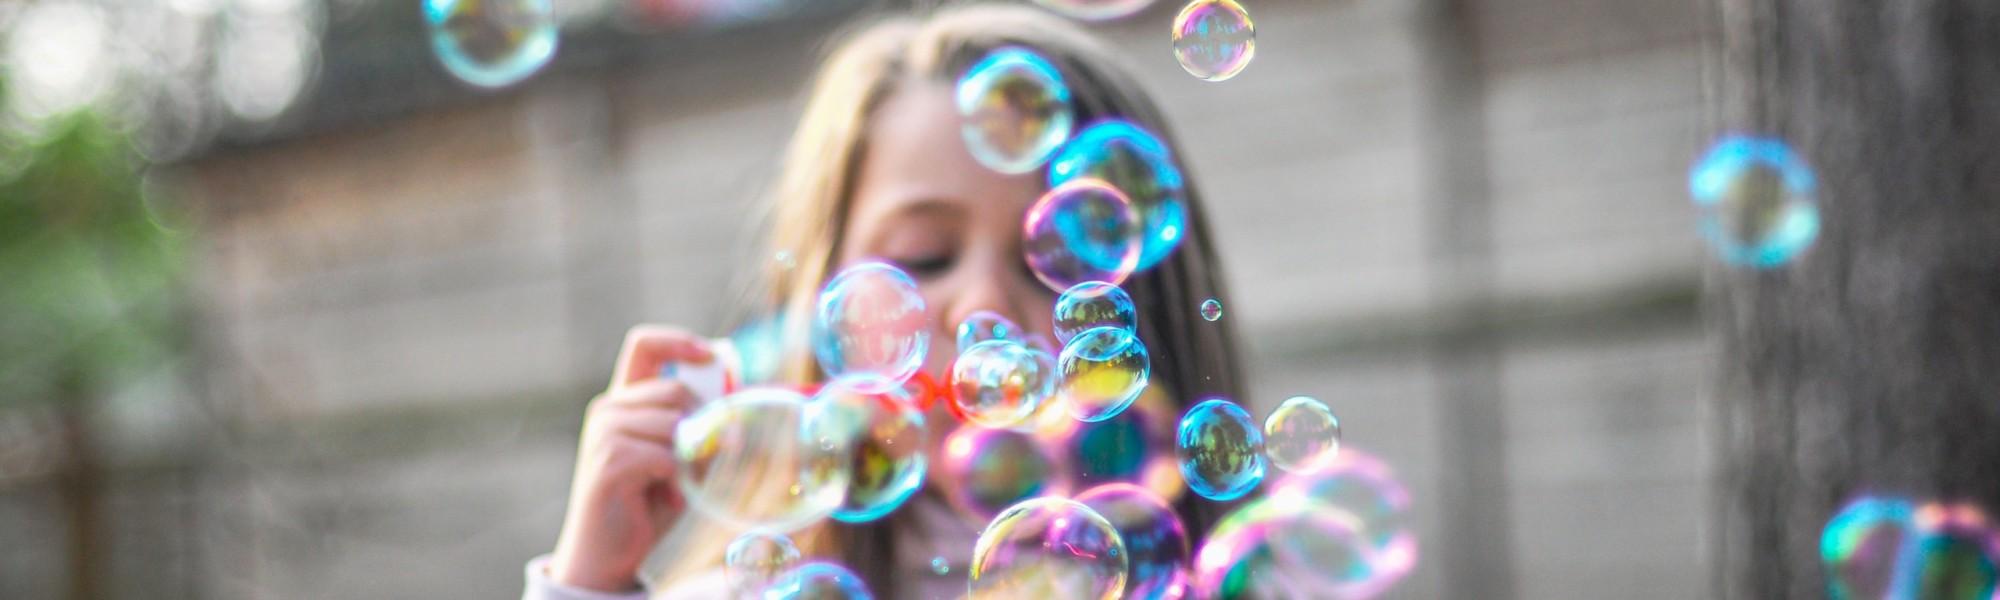 Kuvassa pieni tyttö puhaltaa paljon värikkäitä saippuakuplia.